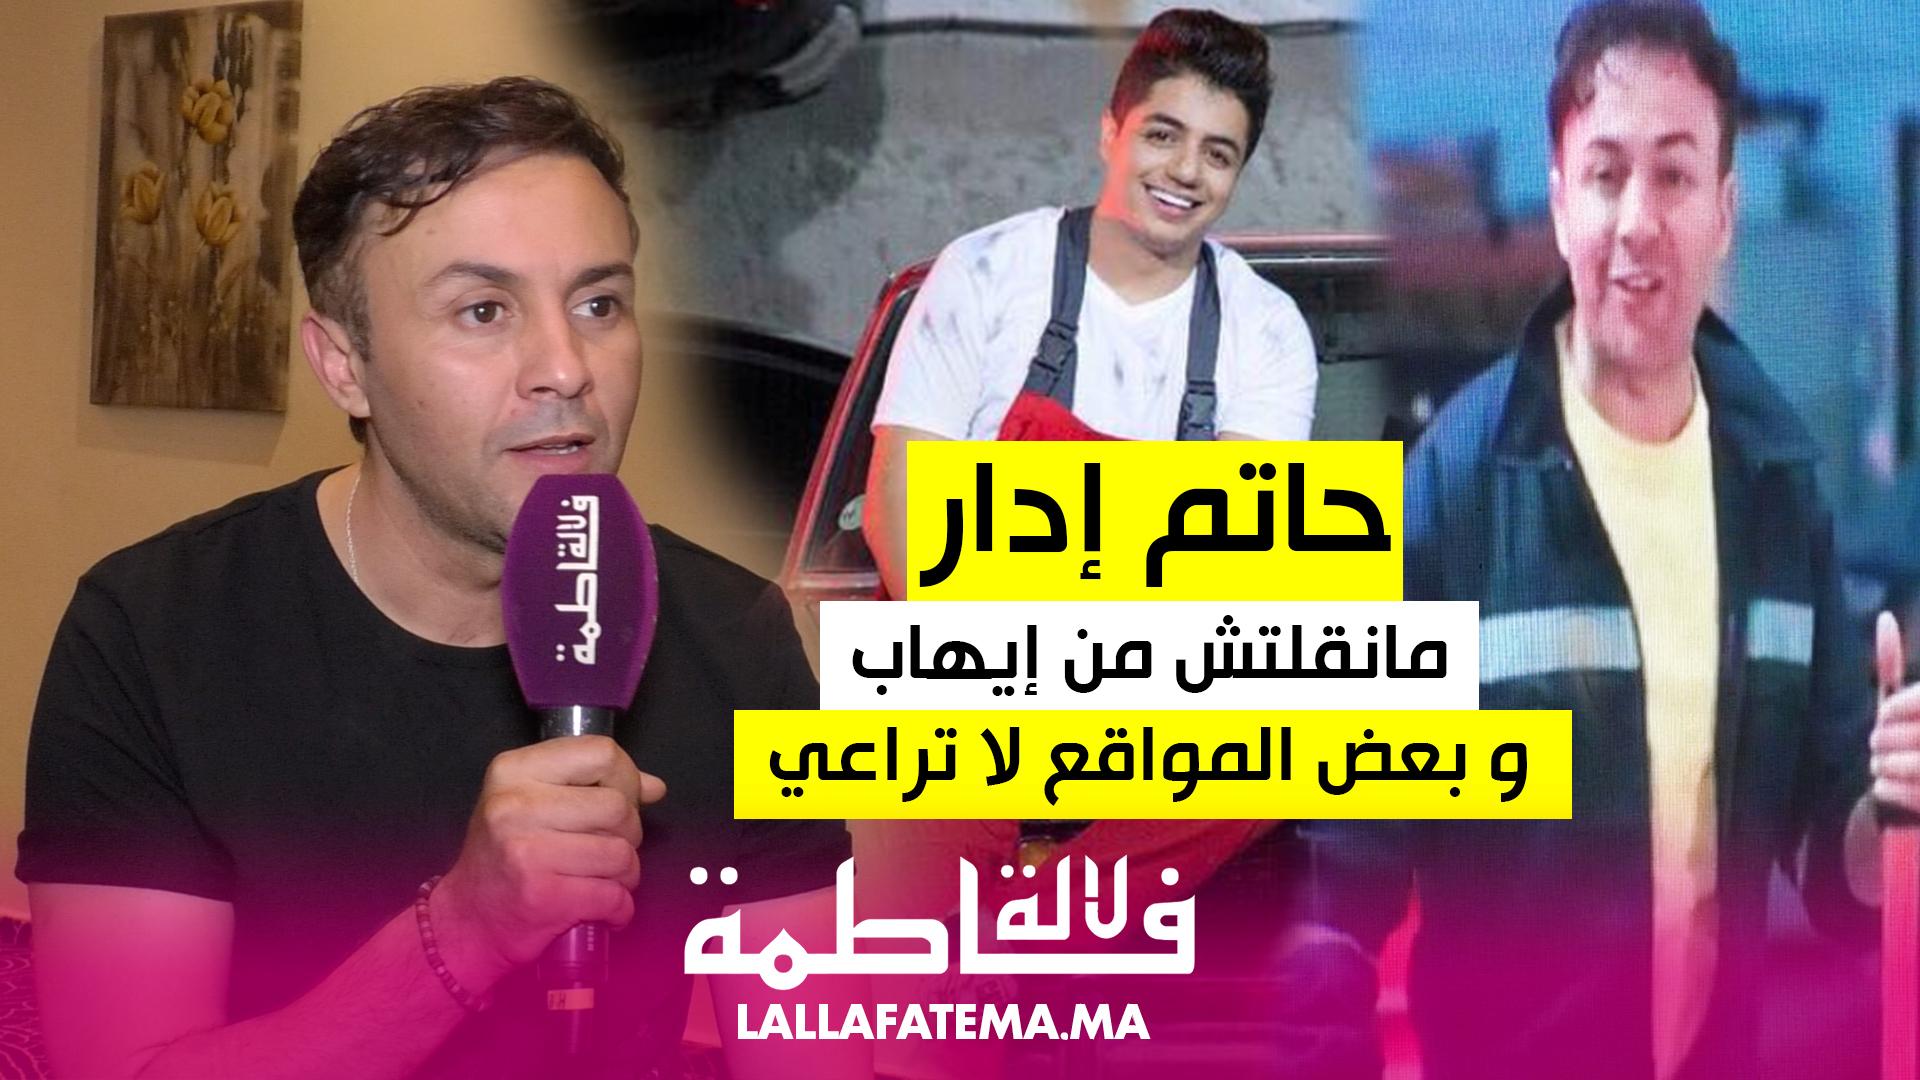 حاتم إدار… ما نقلتش من إيهاب أمير وهناك مواقع الكترونية لا تراعي